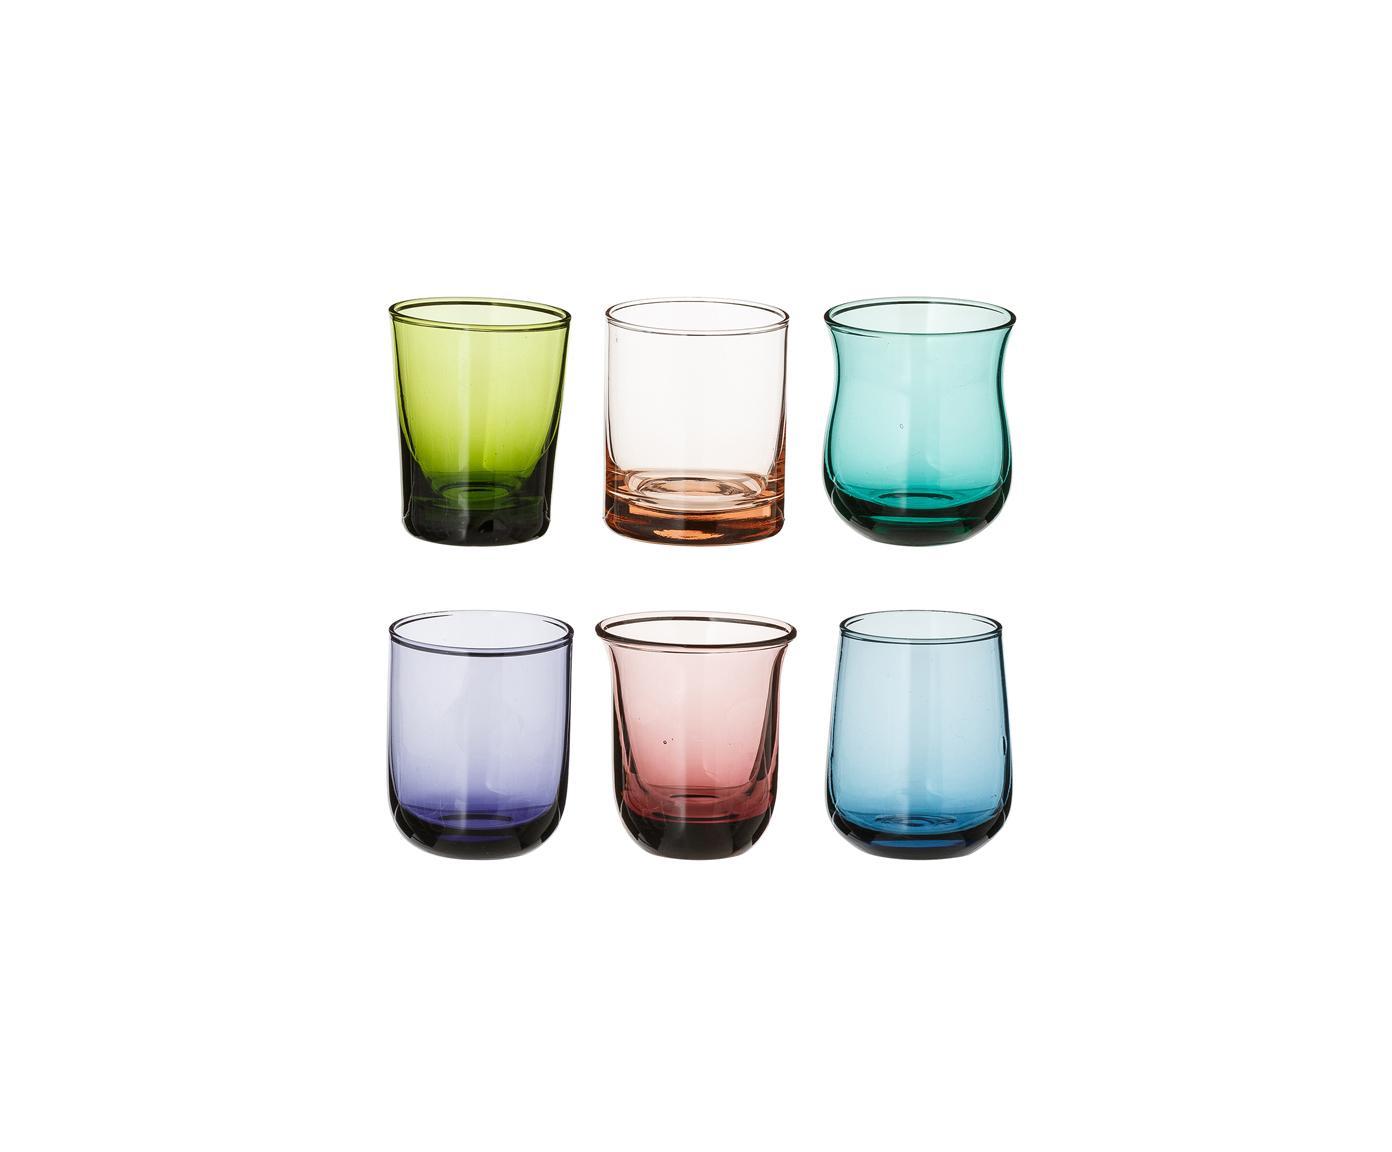 Vasos chupito de vidrio soplado Desigual, 6uds., Vidrio soplado, Multicolor, Ø 6 x Al 6 cm